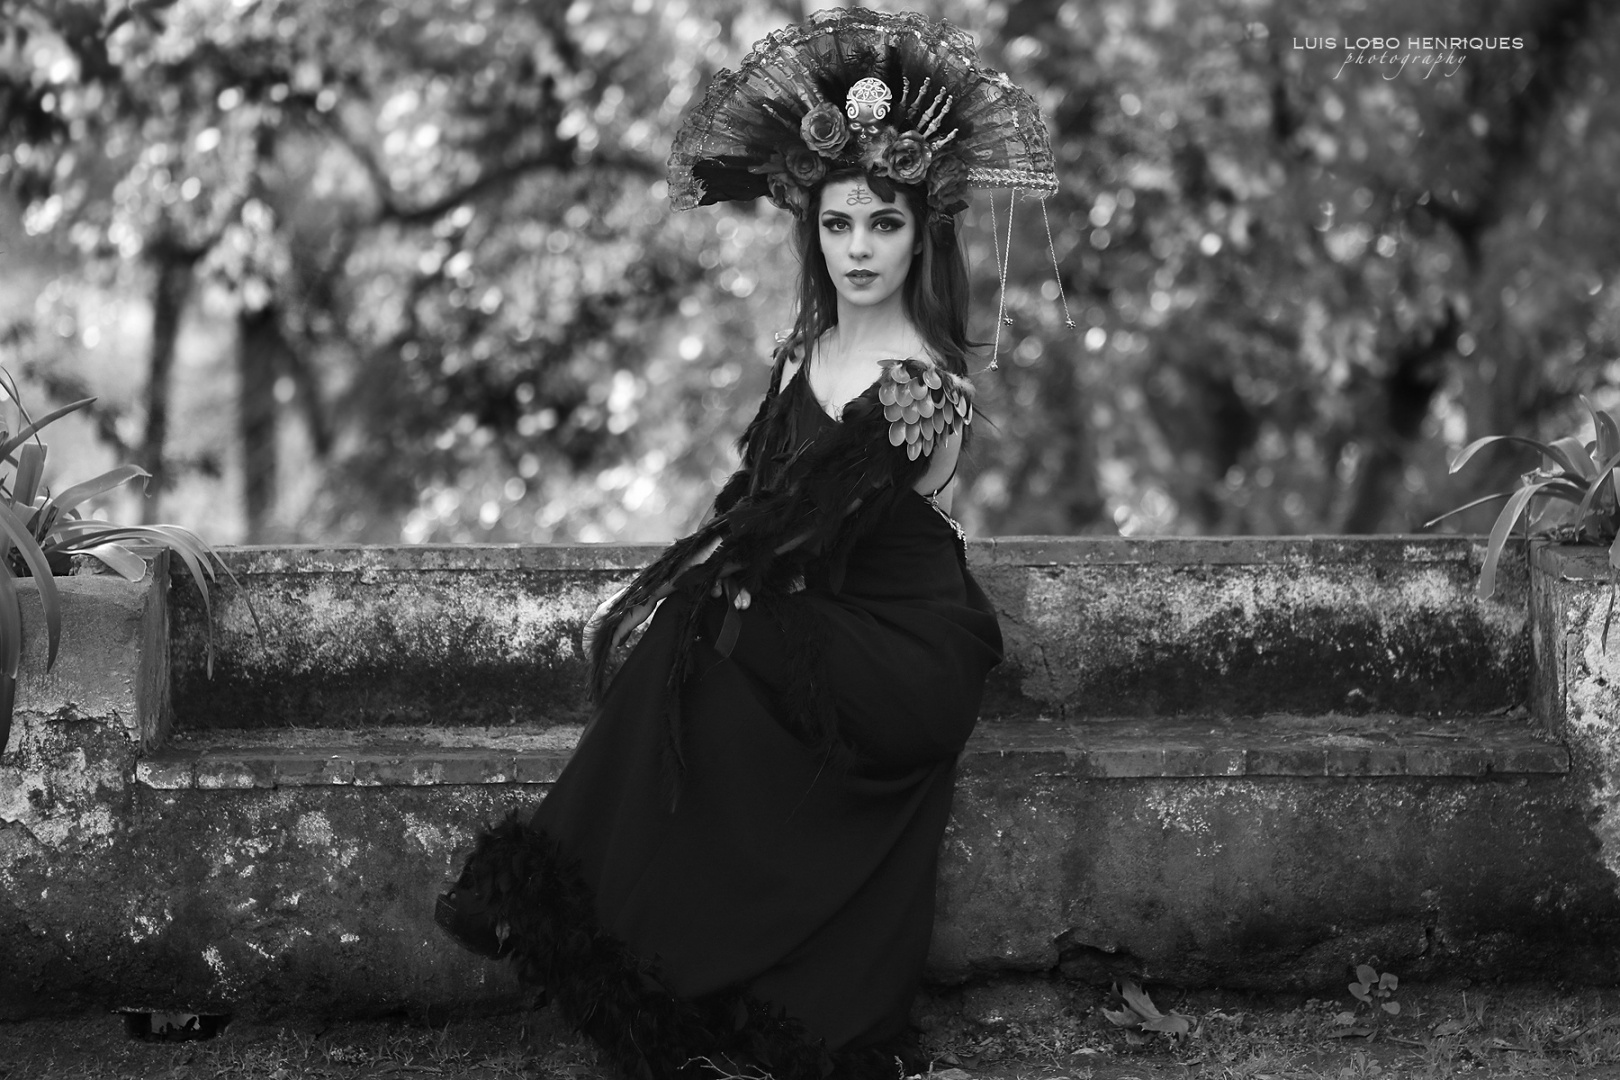 Retratos/black dress